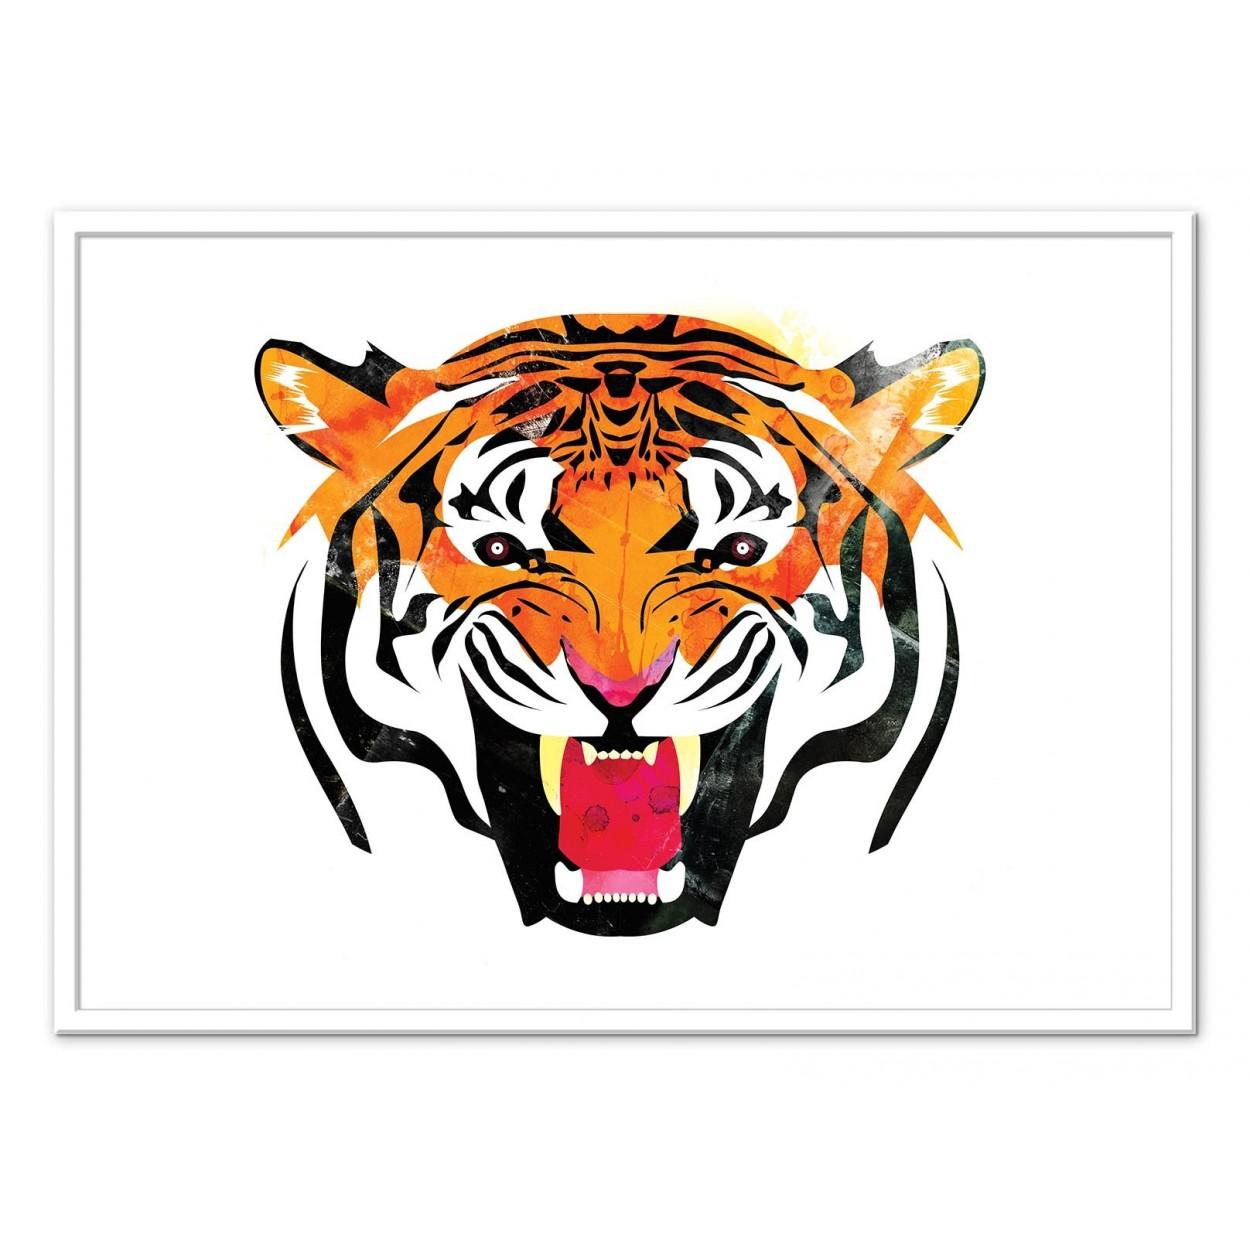 illustration art poster frame paint graphic portrait tiger animal. Black Bedroom Furniture Sets. Home Design Ideas